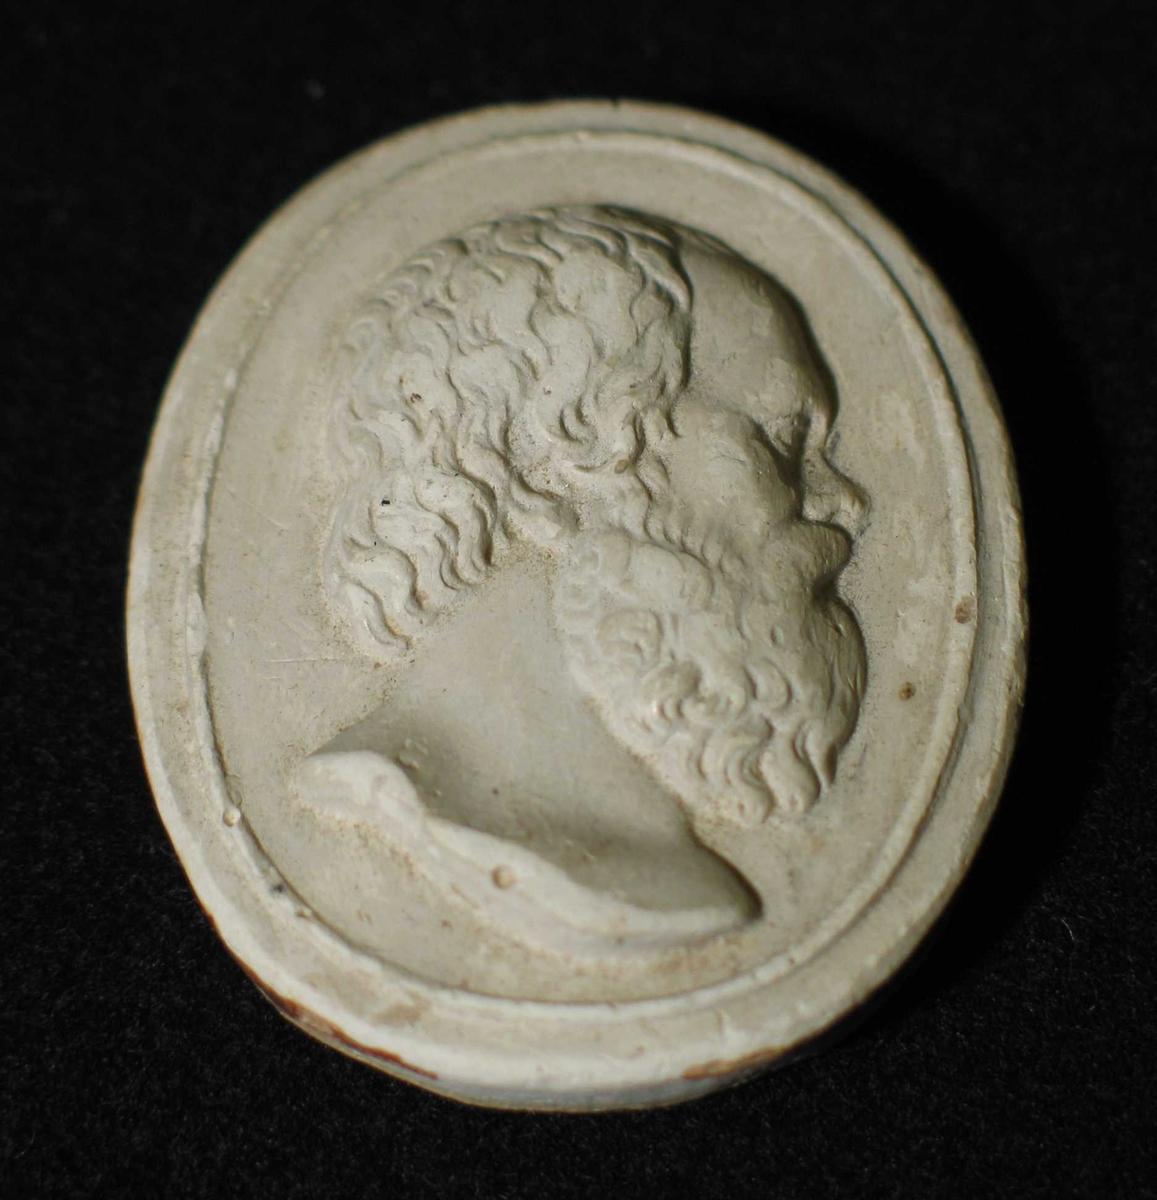 Oval medaljong i gips. Sokratesbyste i profil. Merker etter innfatning.